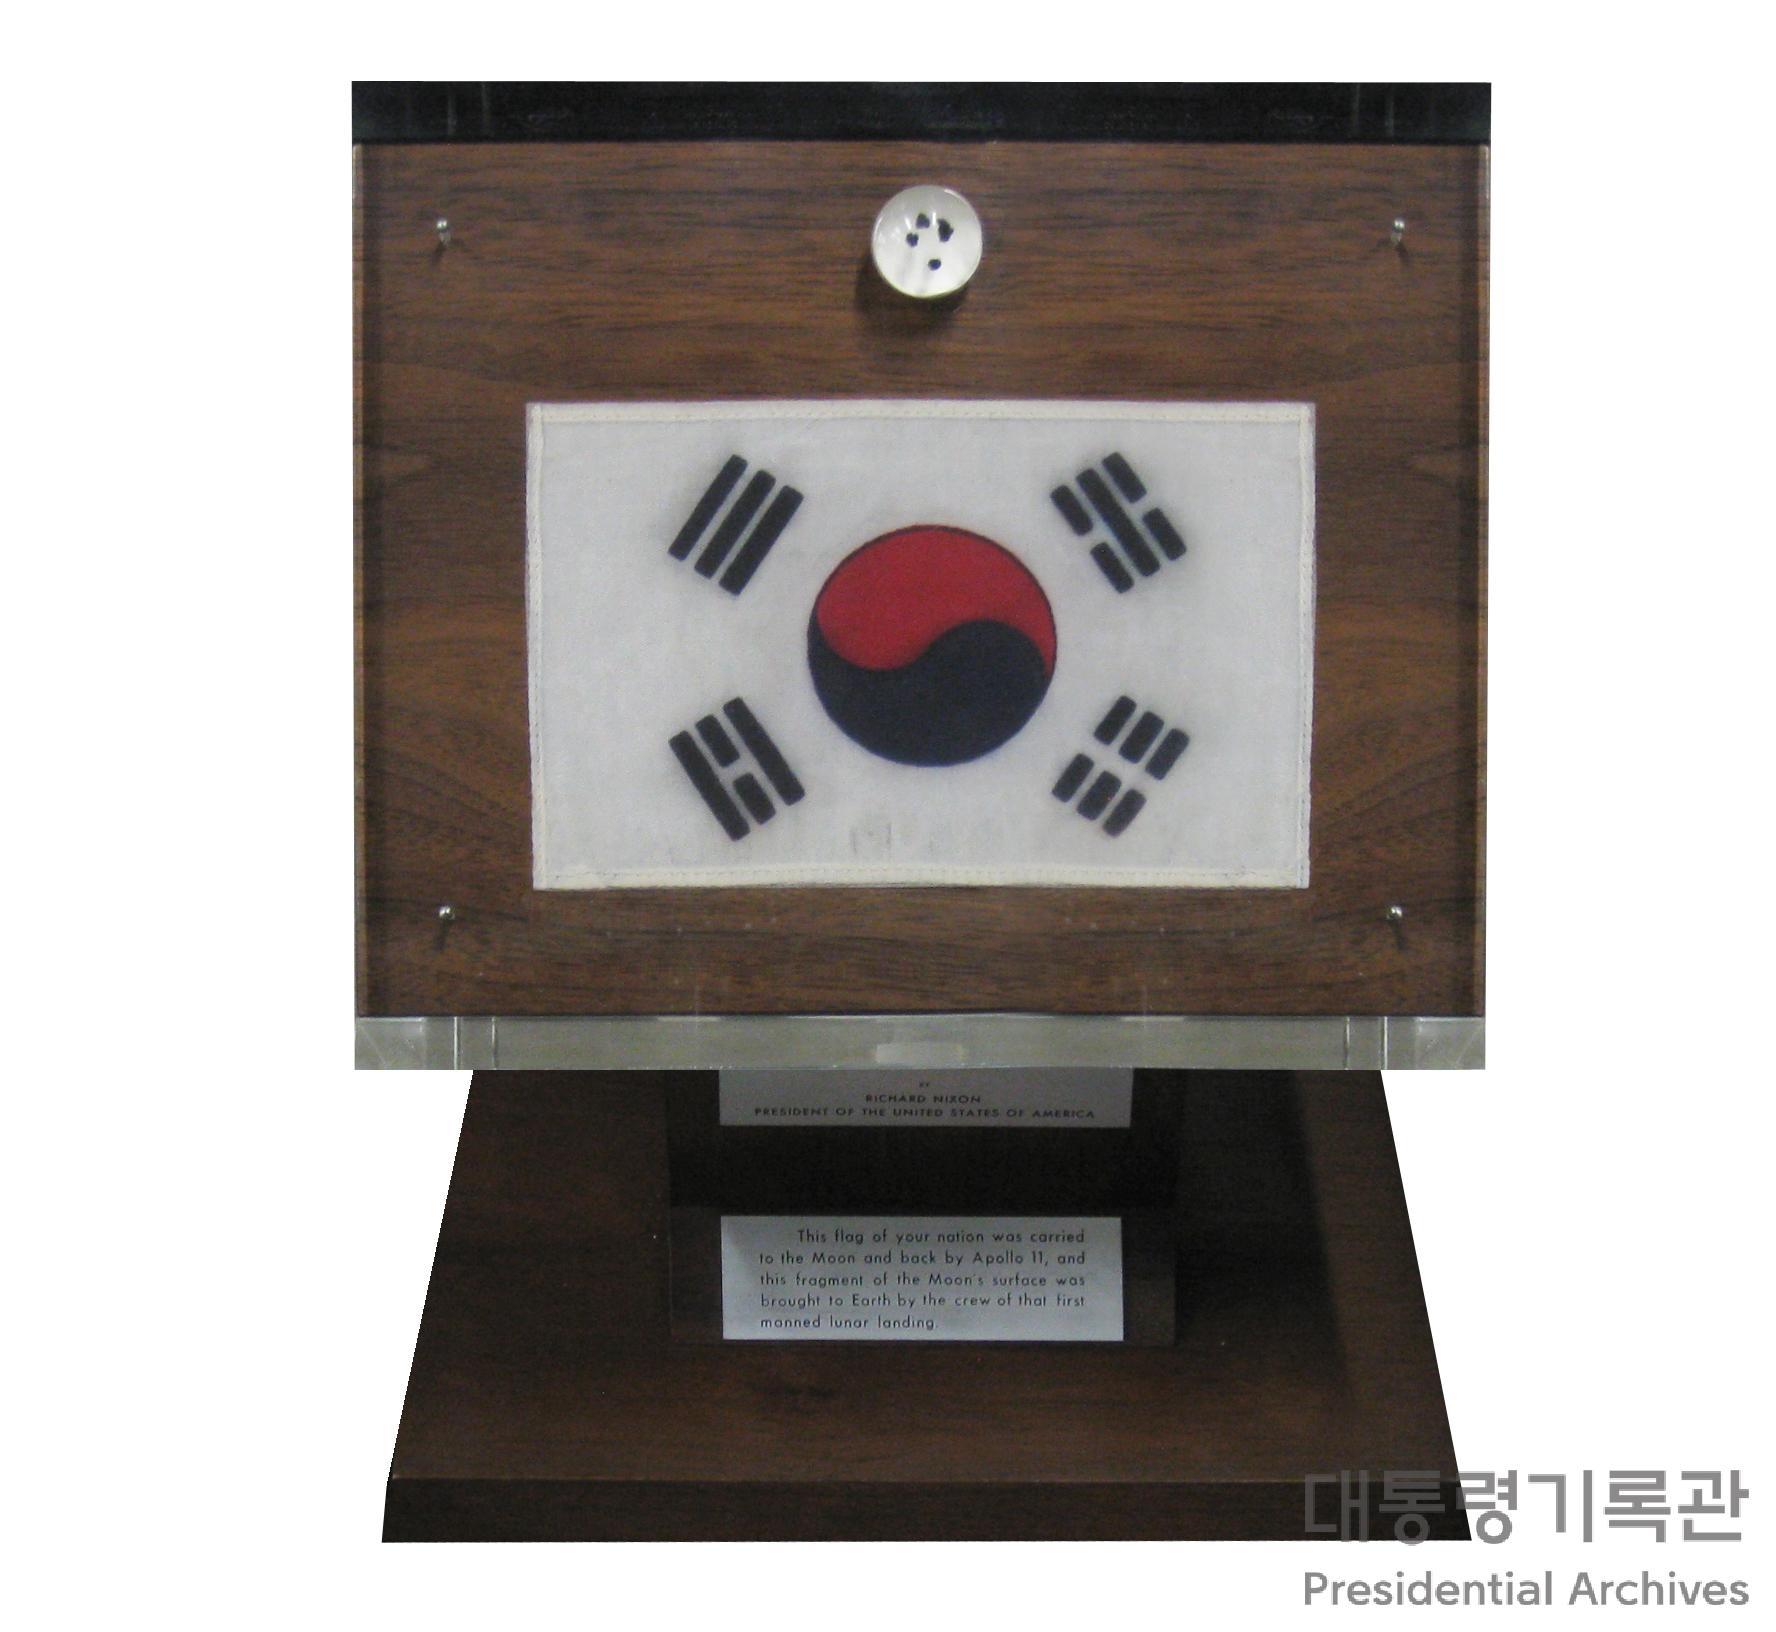 (선물)아폴로 11호 월석[月石] 기념패(닉슨 대통령 선물) 사진